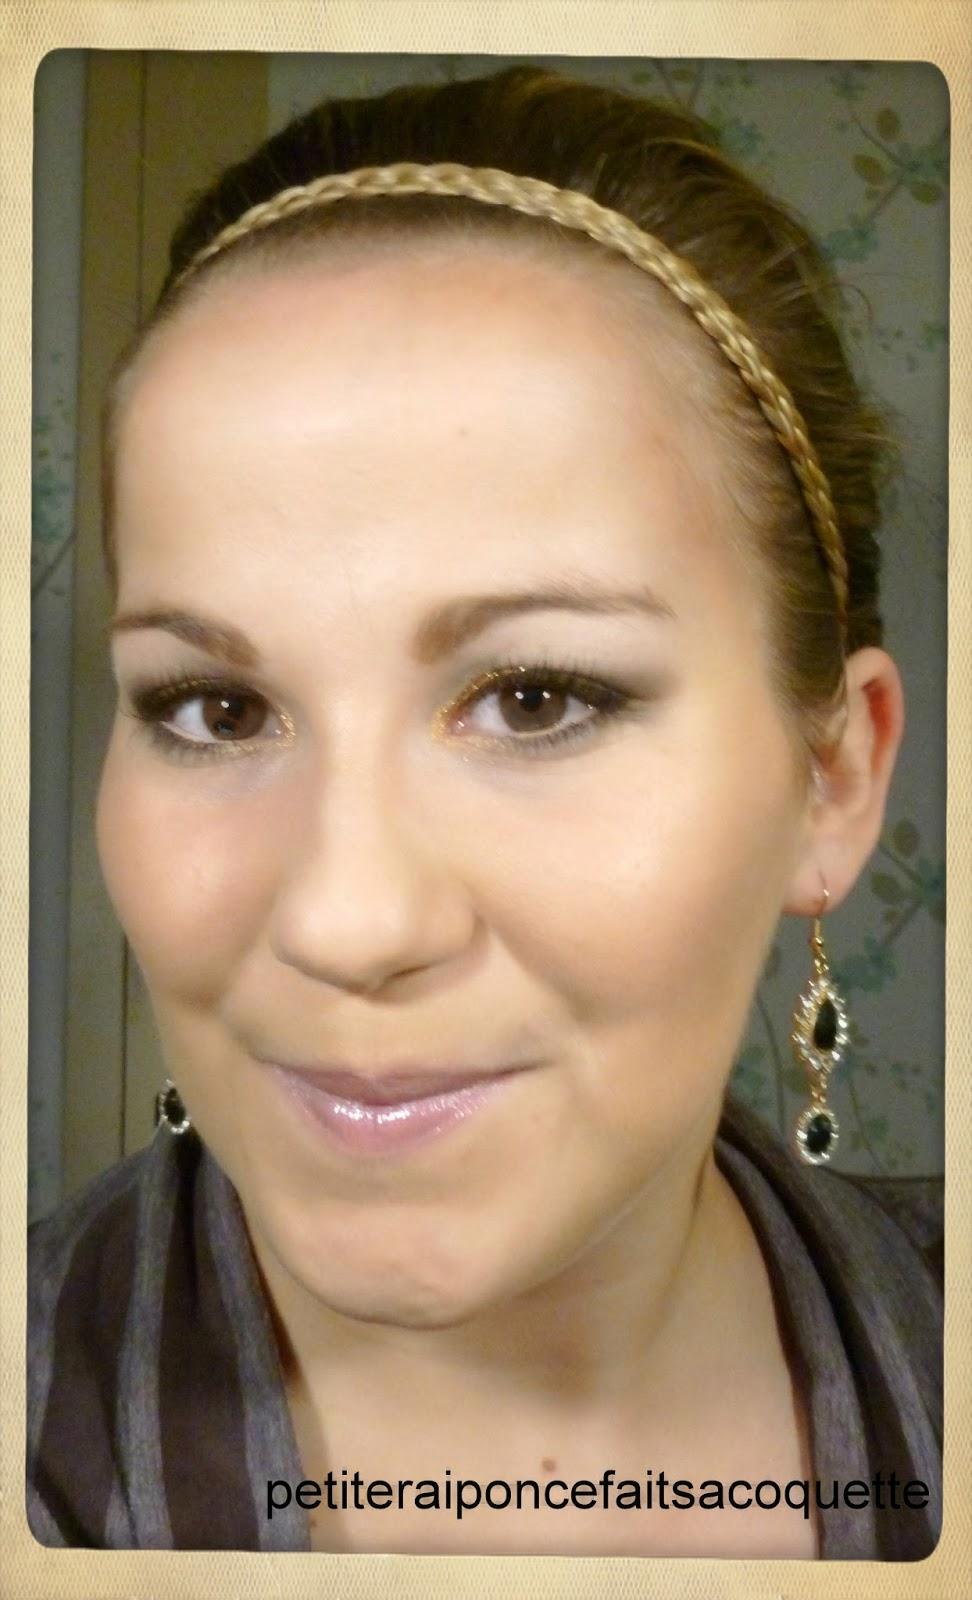 Petite raiponce fait sa coquette tuto maquillage pour les f tes nuances d 39 or - Raiponce petite ...